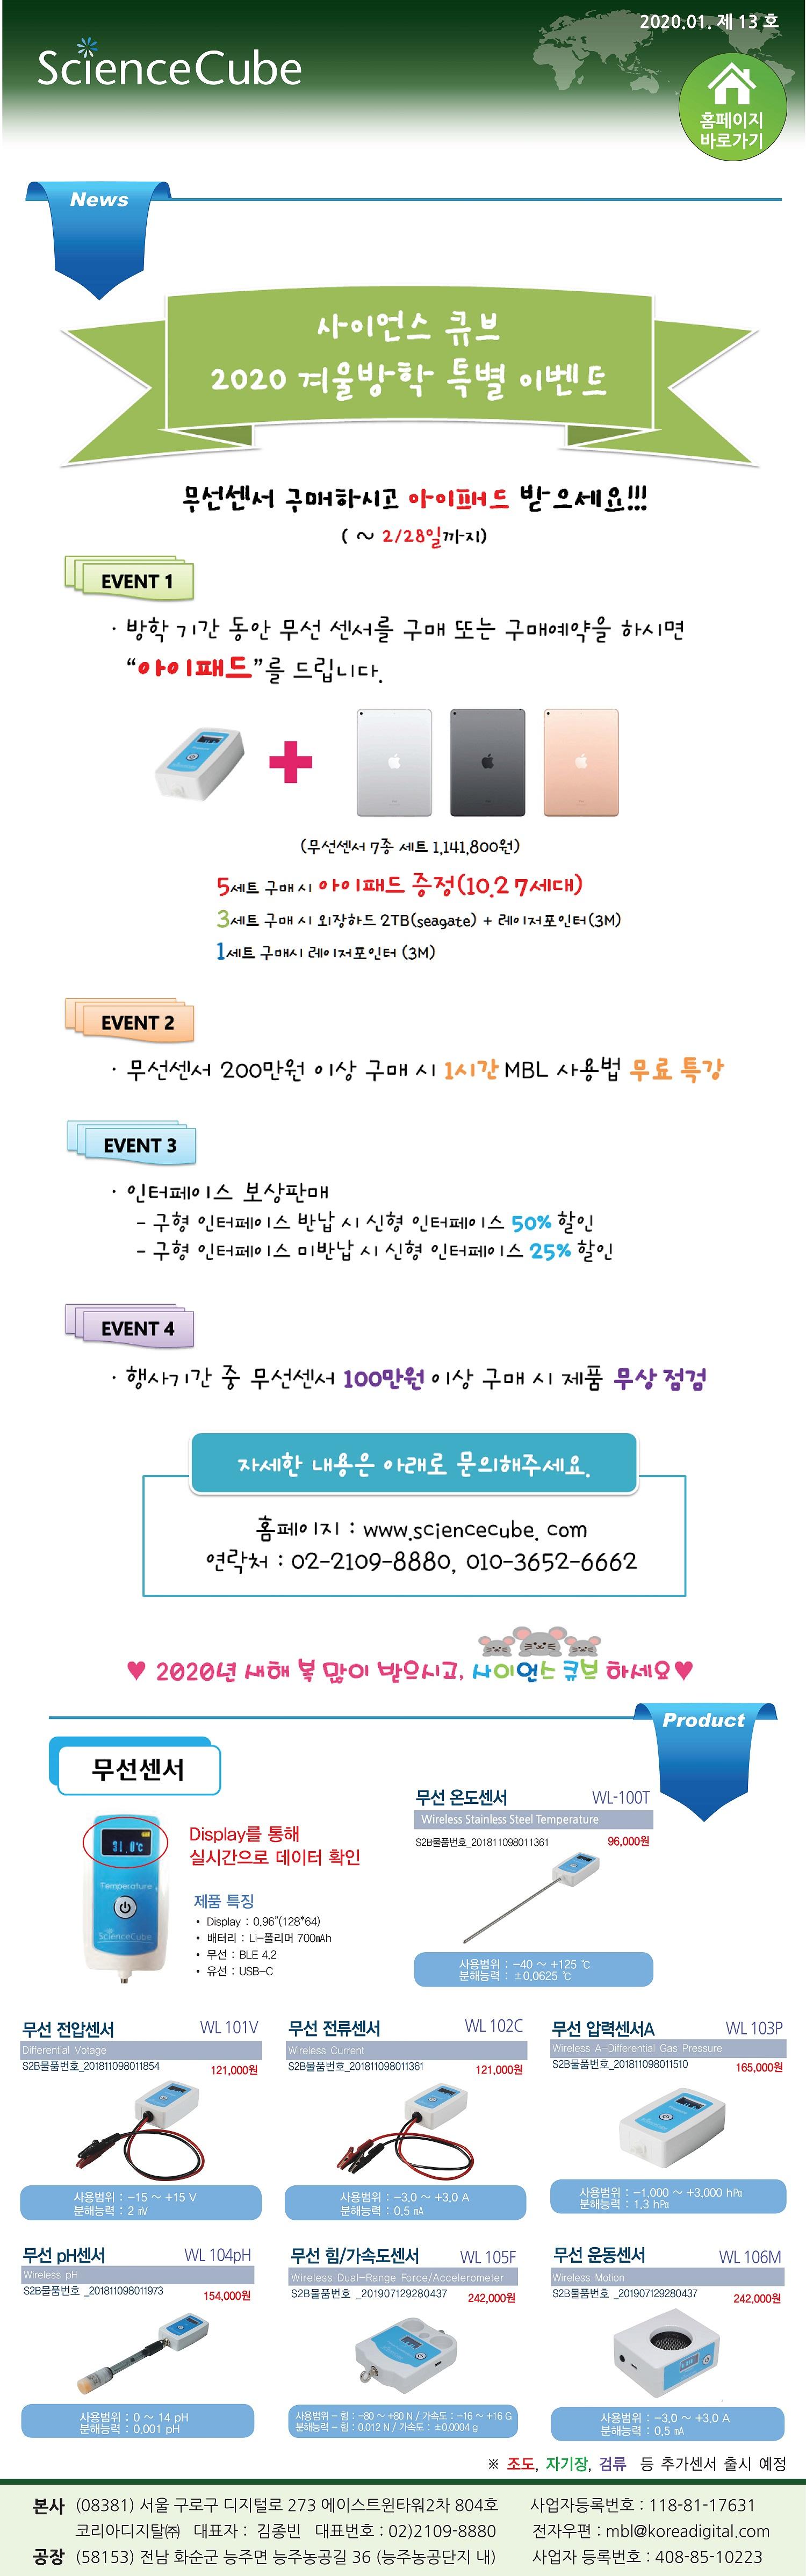 Science Cube 13호 사이언스큐브 2020 겨울방학 특별 이벤트.jpg